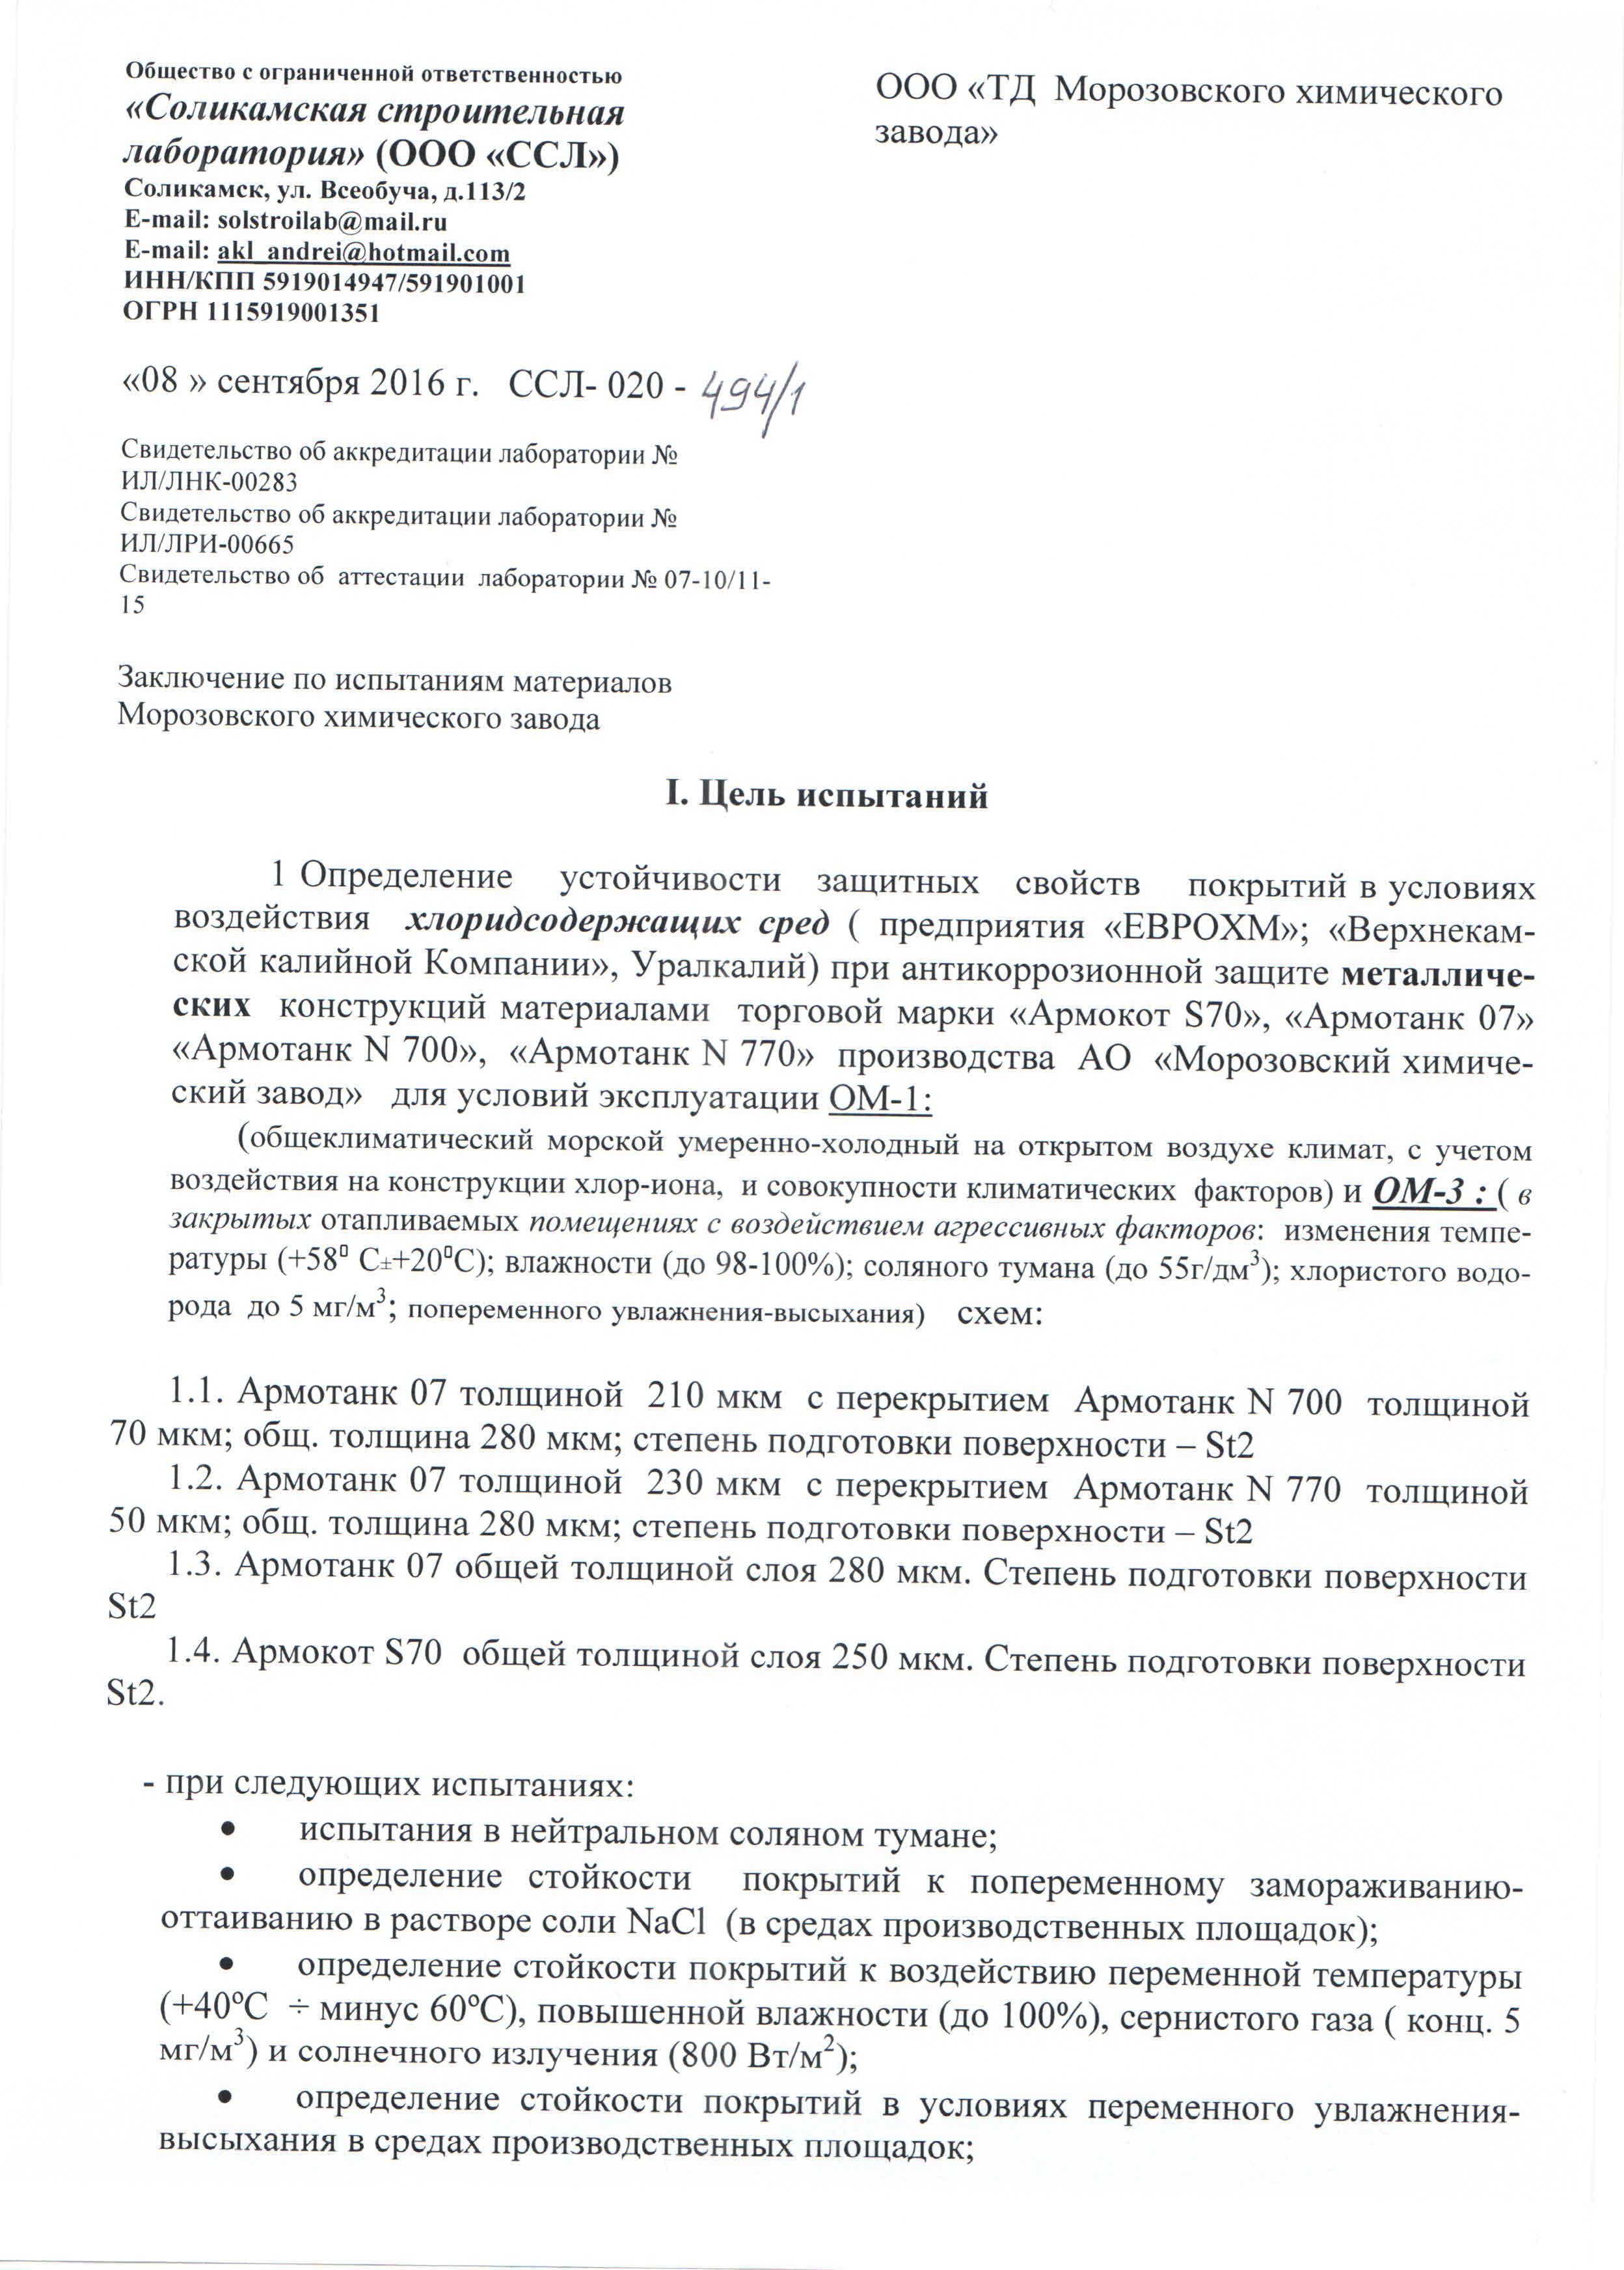 ЗаключениеООО «Соликамская строительная лаборатория» металл Еврохим 07N70007 N77007S70_Страница_1